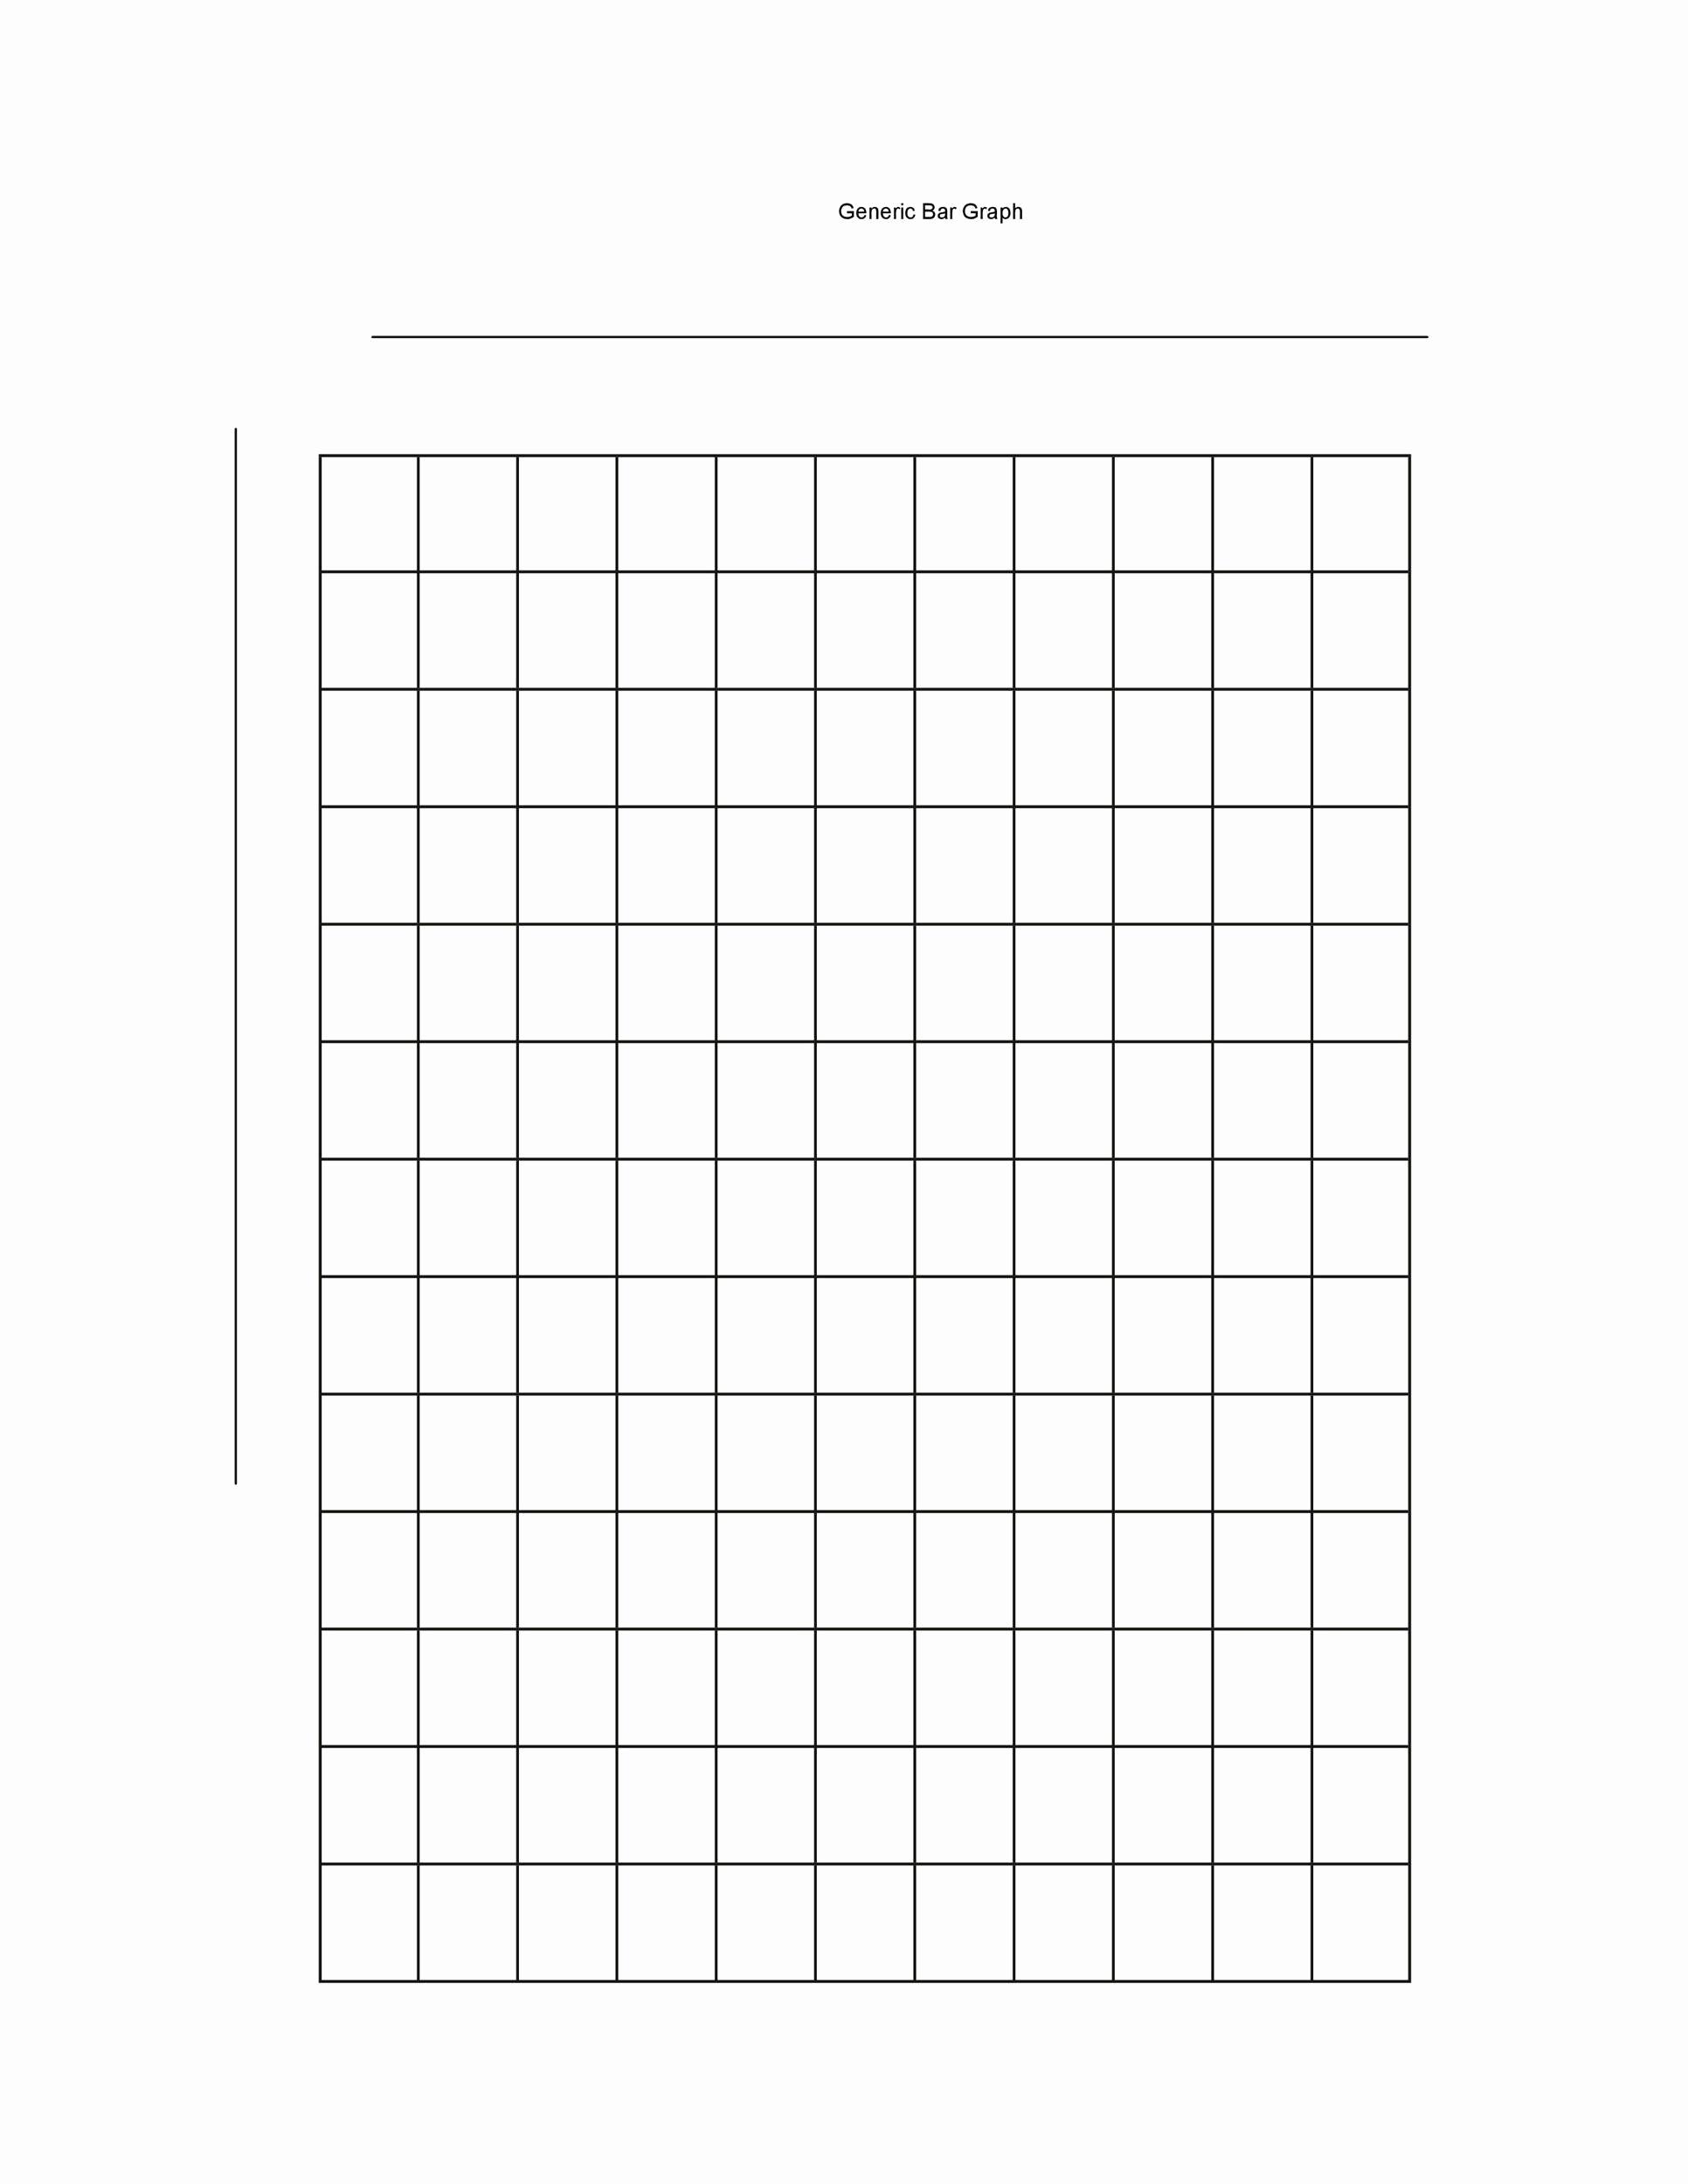 Double Bar Graphs Worksheet Unique Double Bar Graphs Worksheet 41 Blank Bar Graph Templates